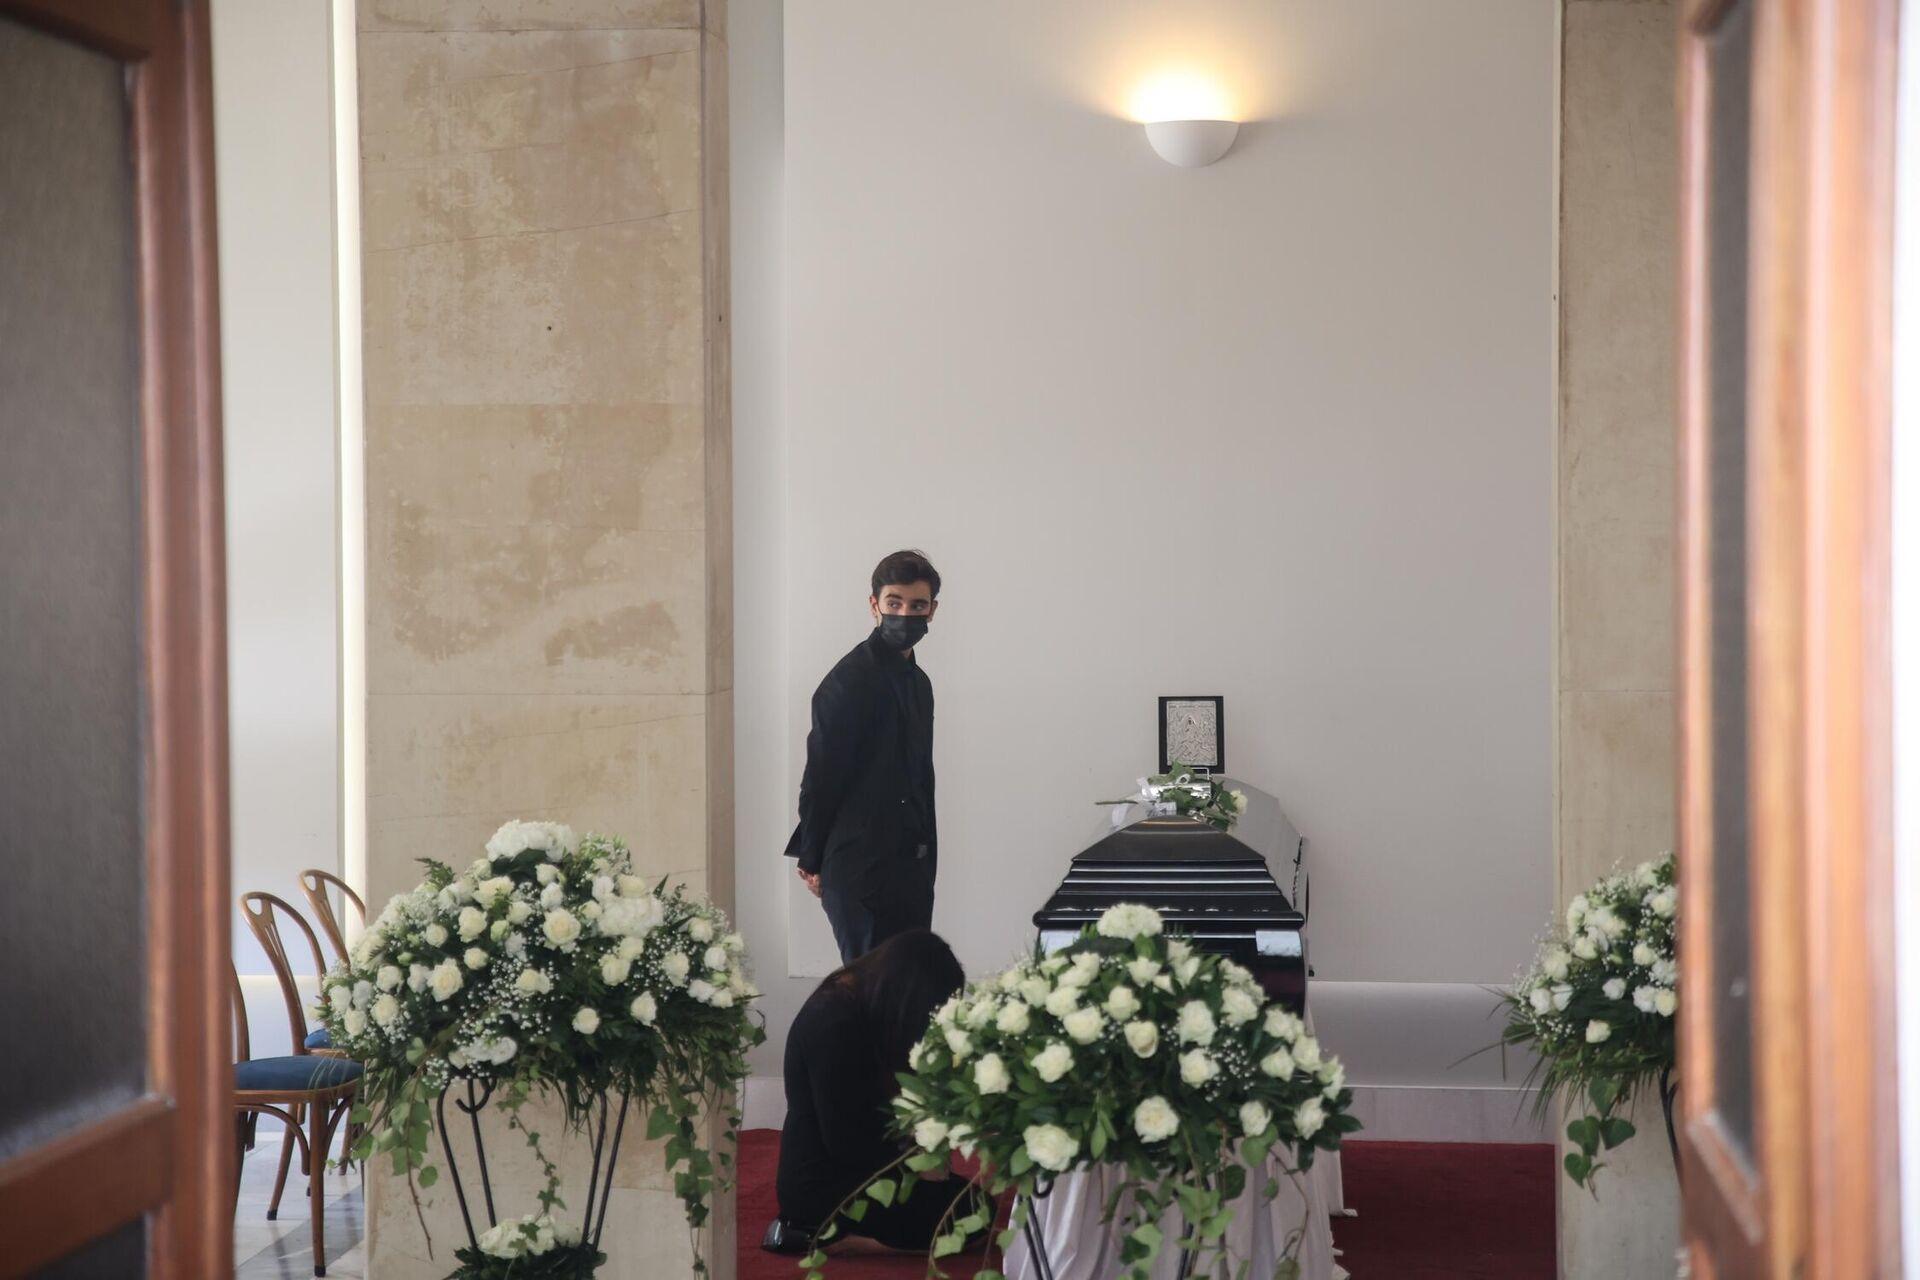 Η Βίκυ Σταμάτη στην κηδεία του Άκη Τσοχατζόπουλου - Sputnik Ελλάδα, 1920, 31.08.2021